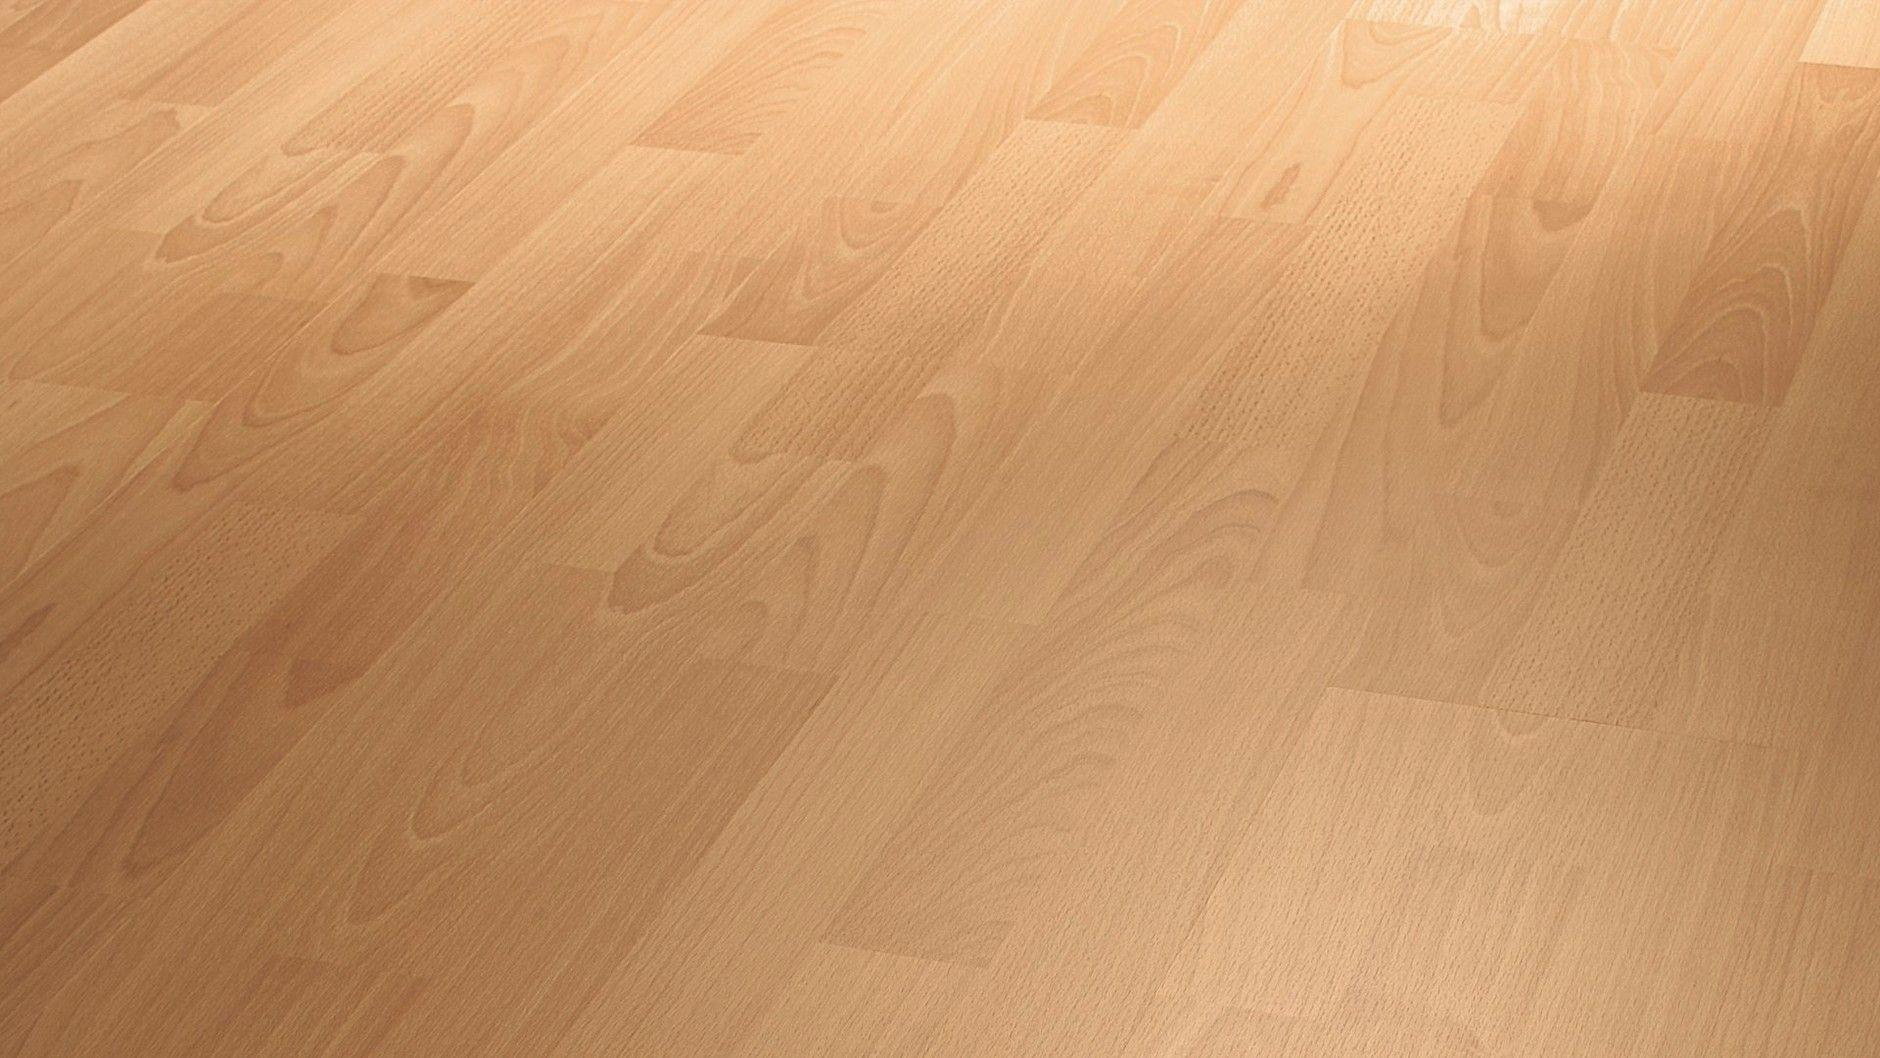 Designboden Classic Dc 75 S Buche 6201 Integrierter Schallschutz Schallschutz Design Boden